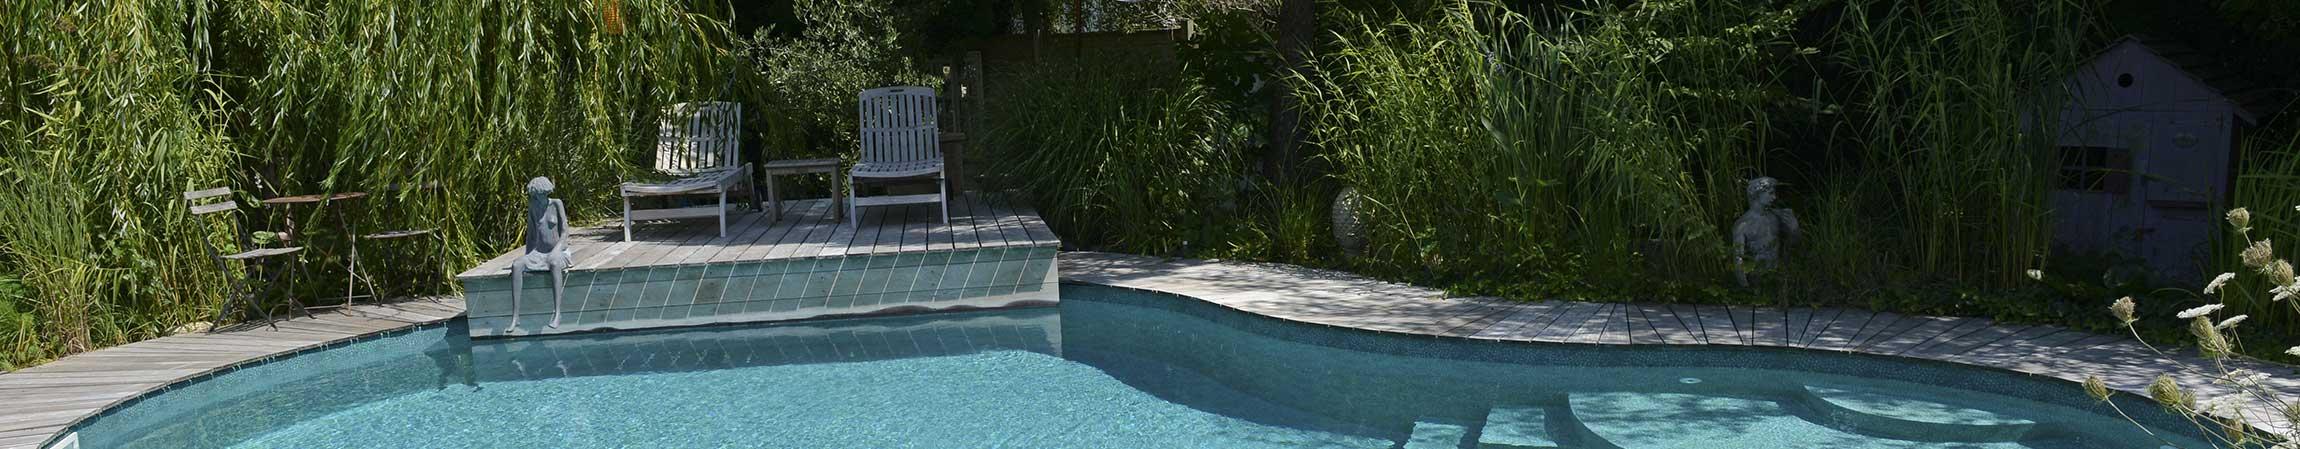 Select home select piscines la rochelle r royan for Autorisation construction piscine